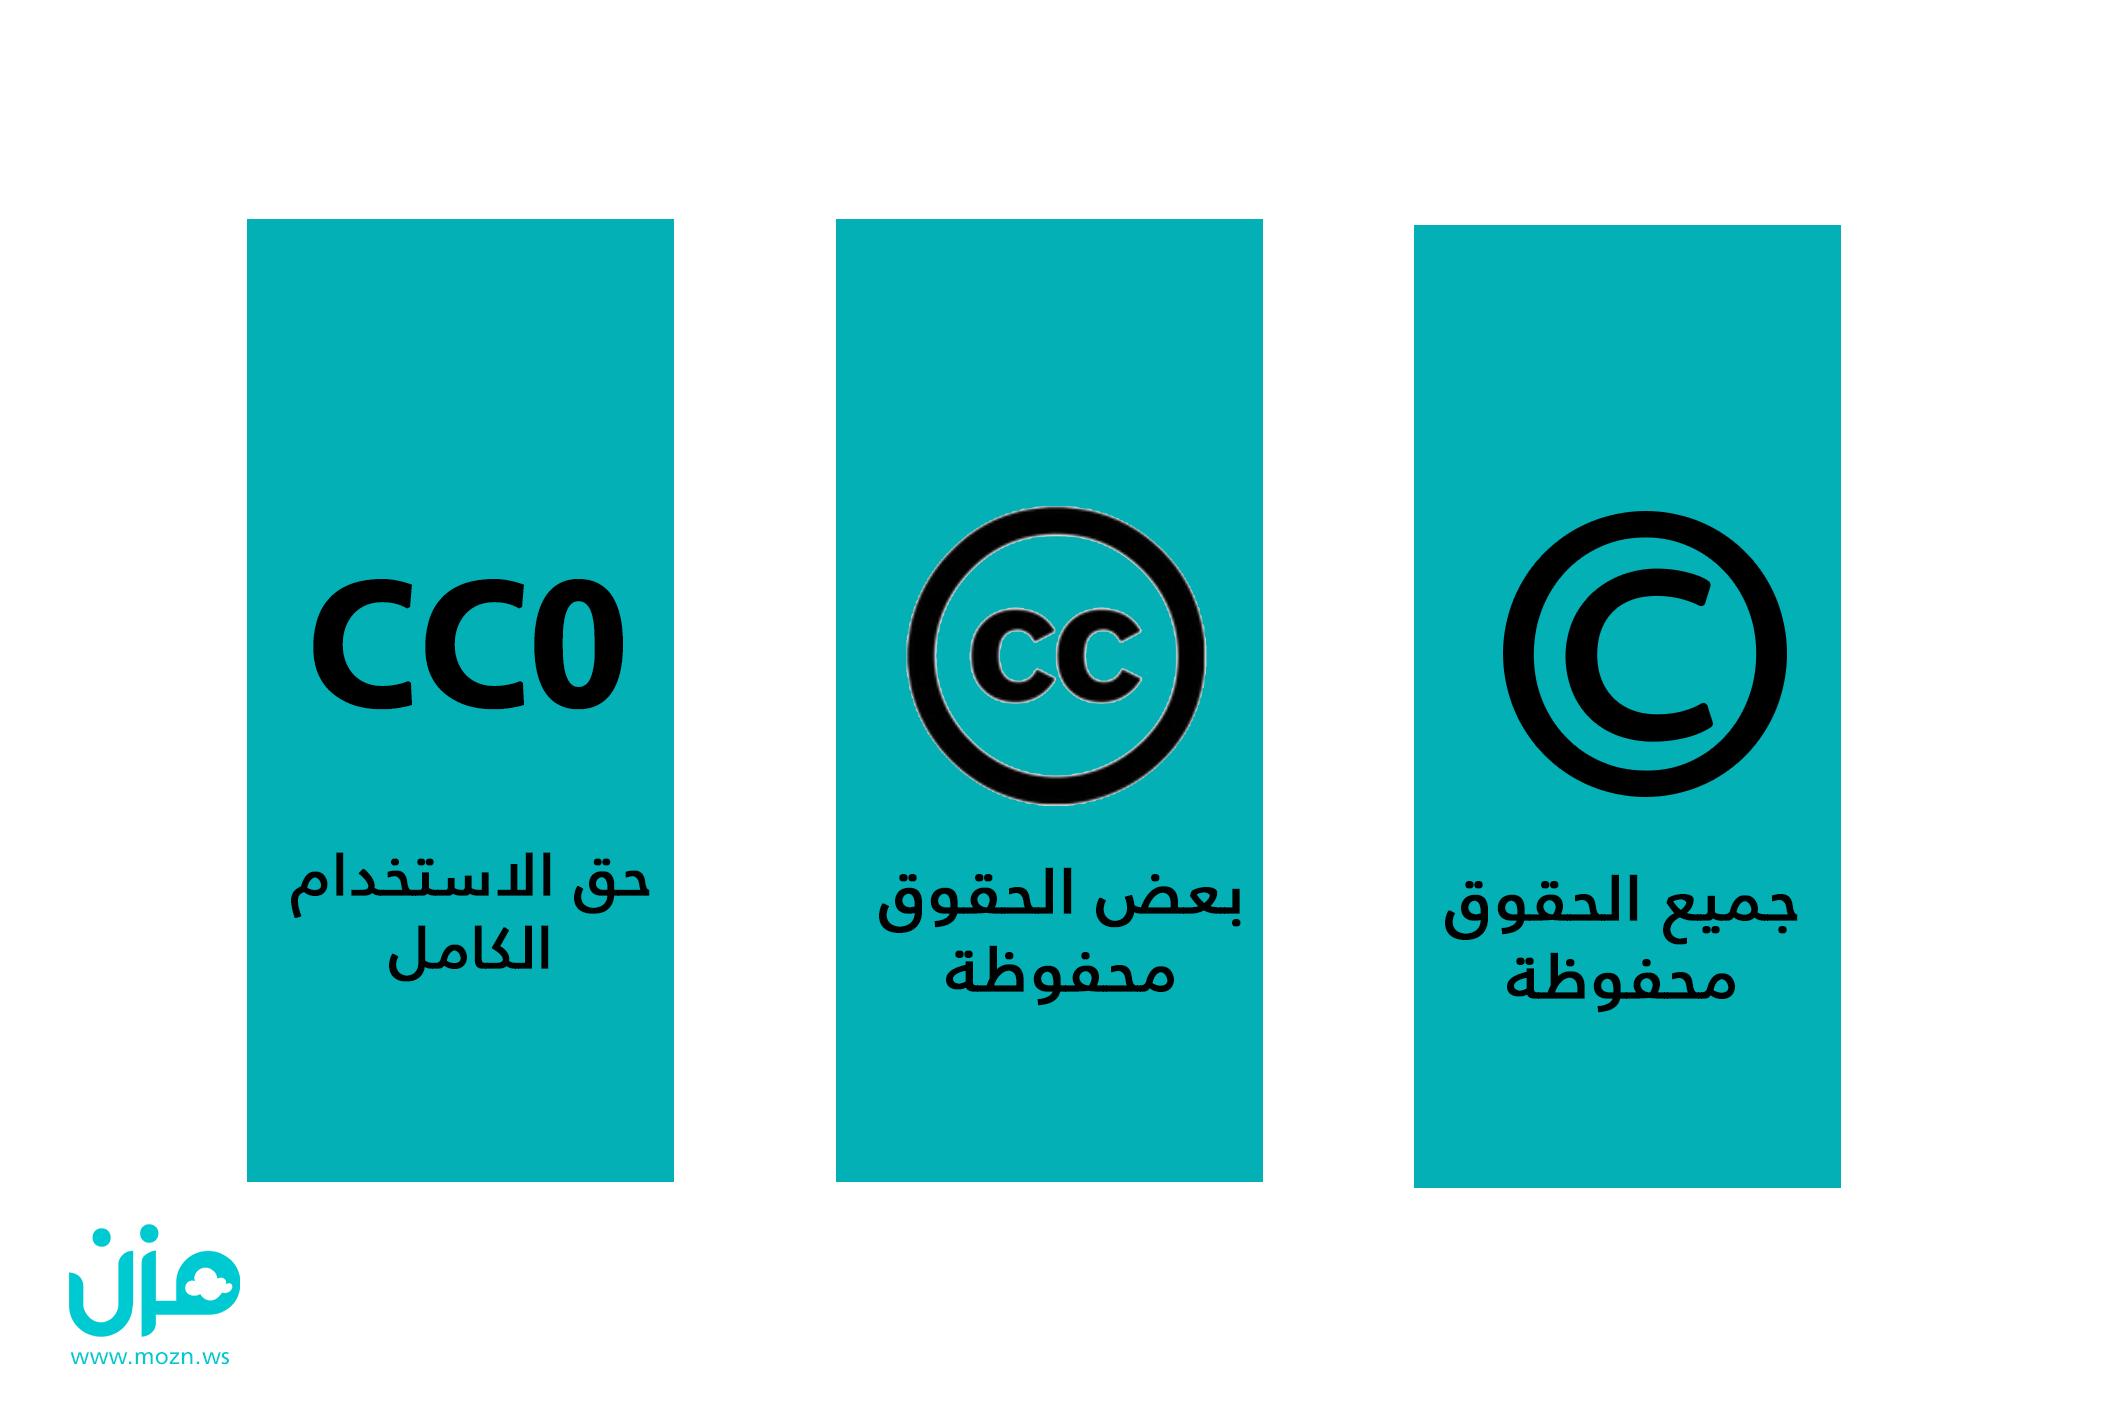 الفروق بين ثلاثة أنواع من الرموز المتعلقة برخصة المنتج.